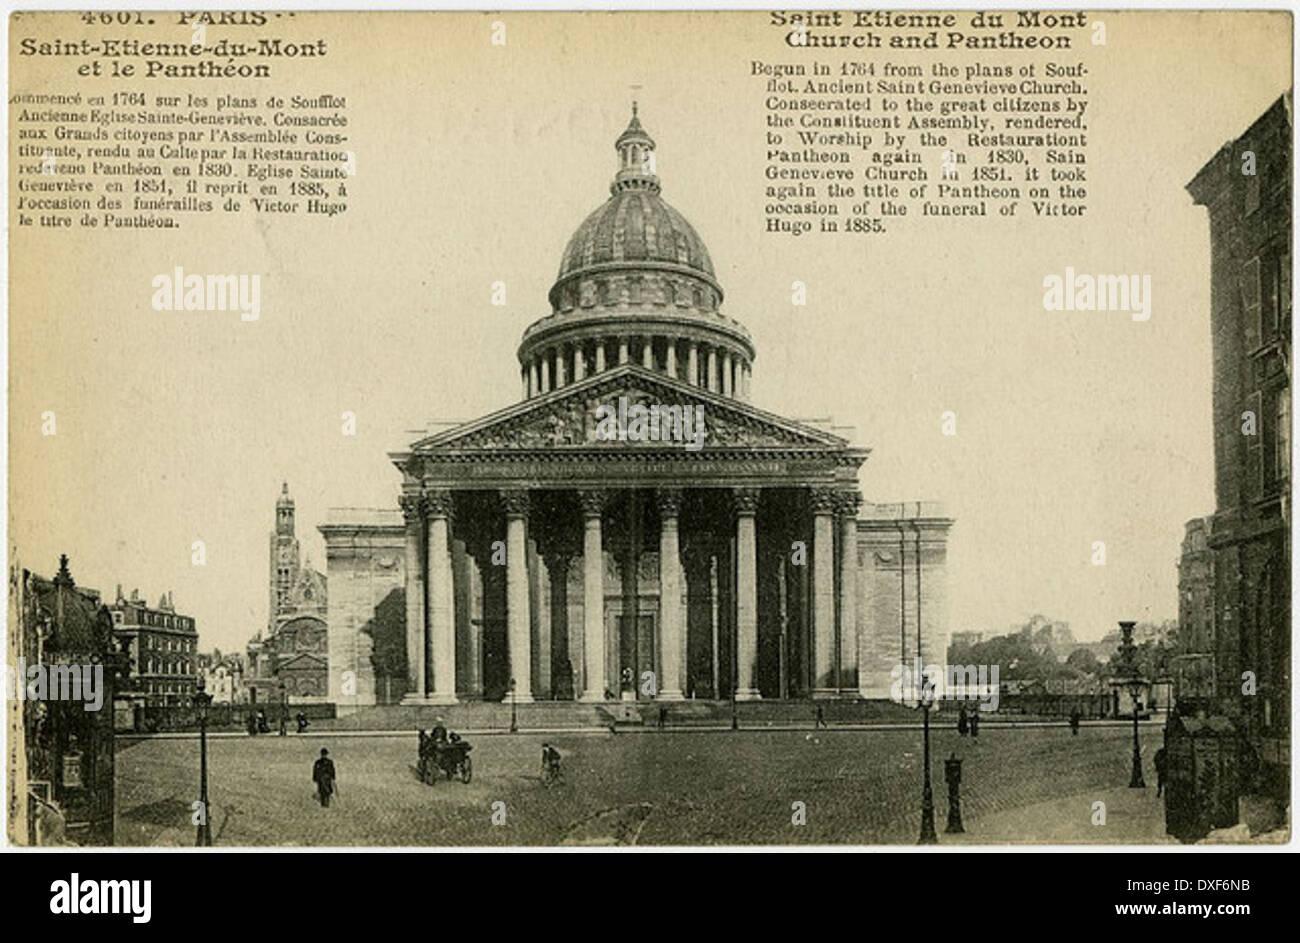 001 Saint Etienne du Mont Church and Pantheon - Stock Image